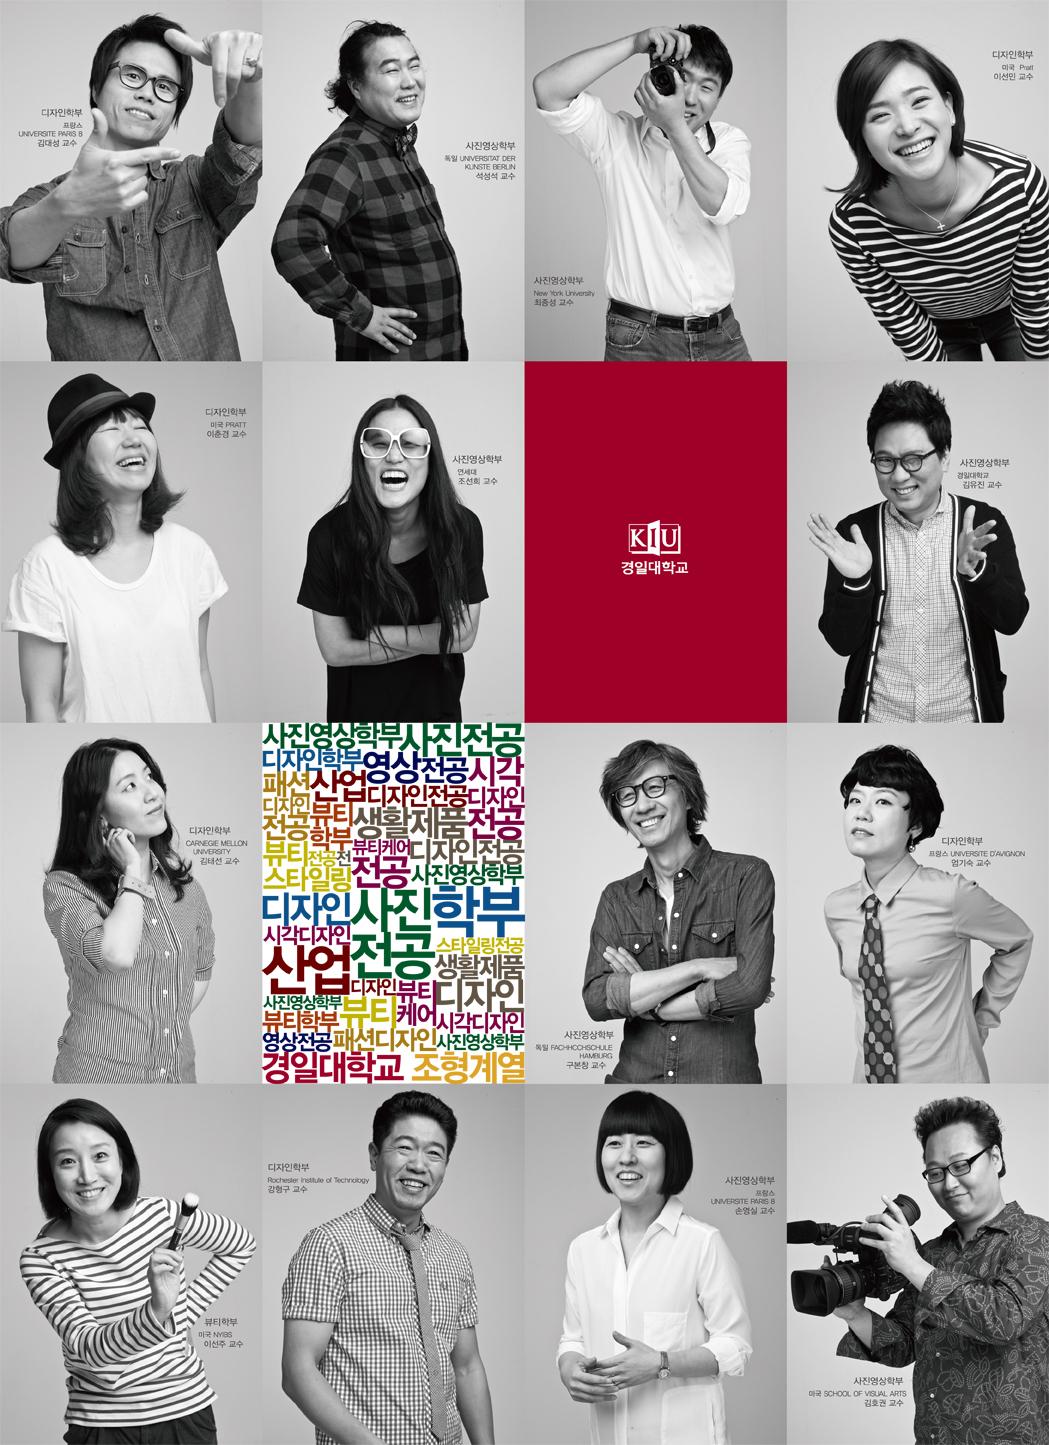 경일대학교 교수소개 이미지